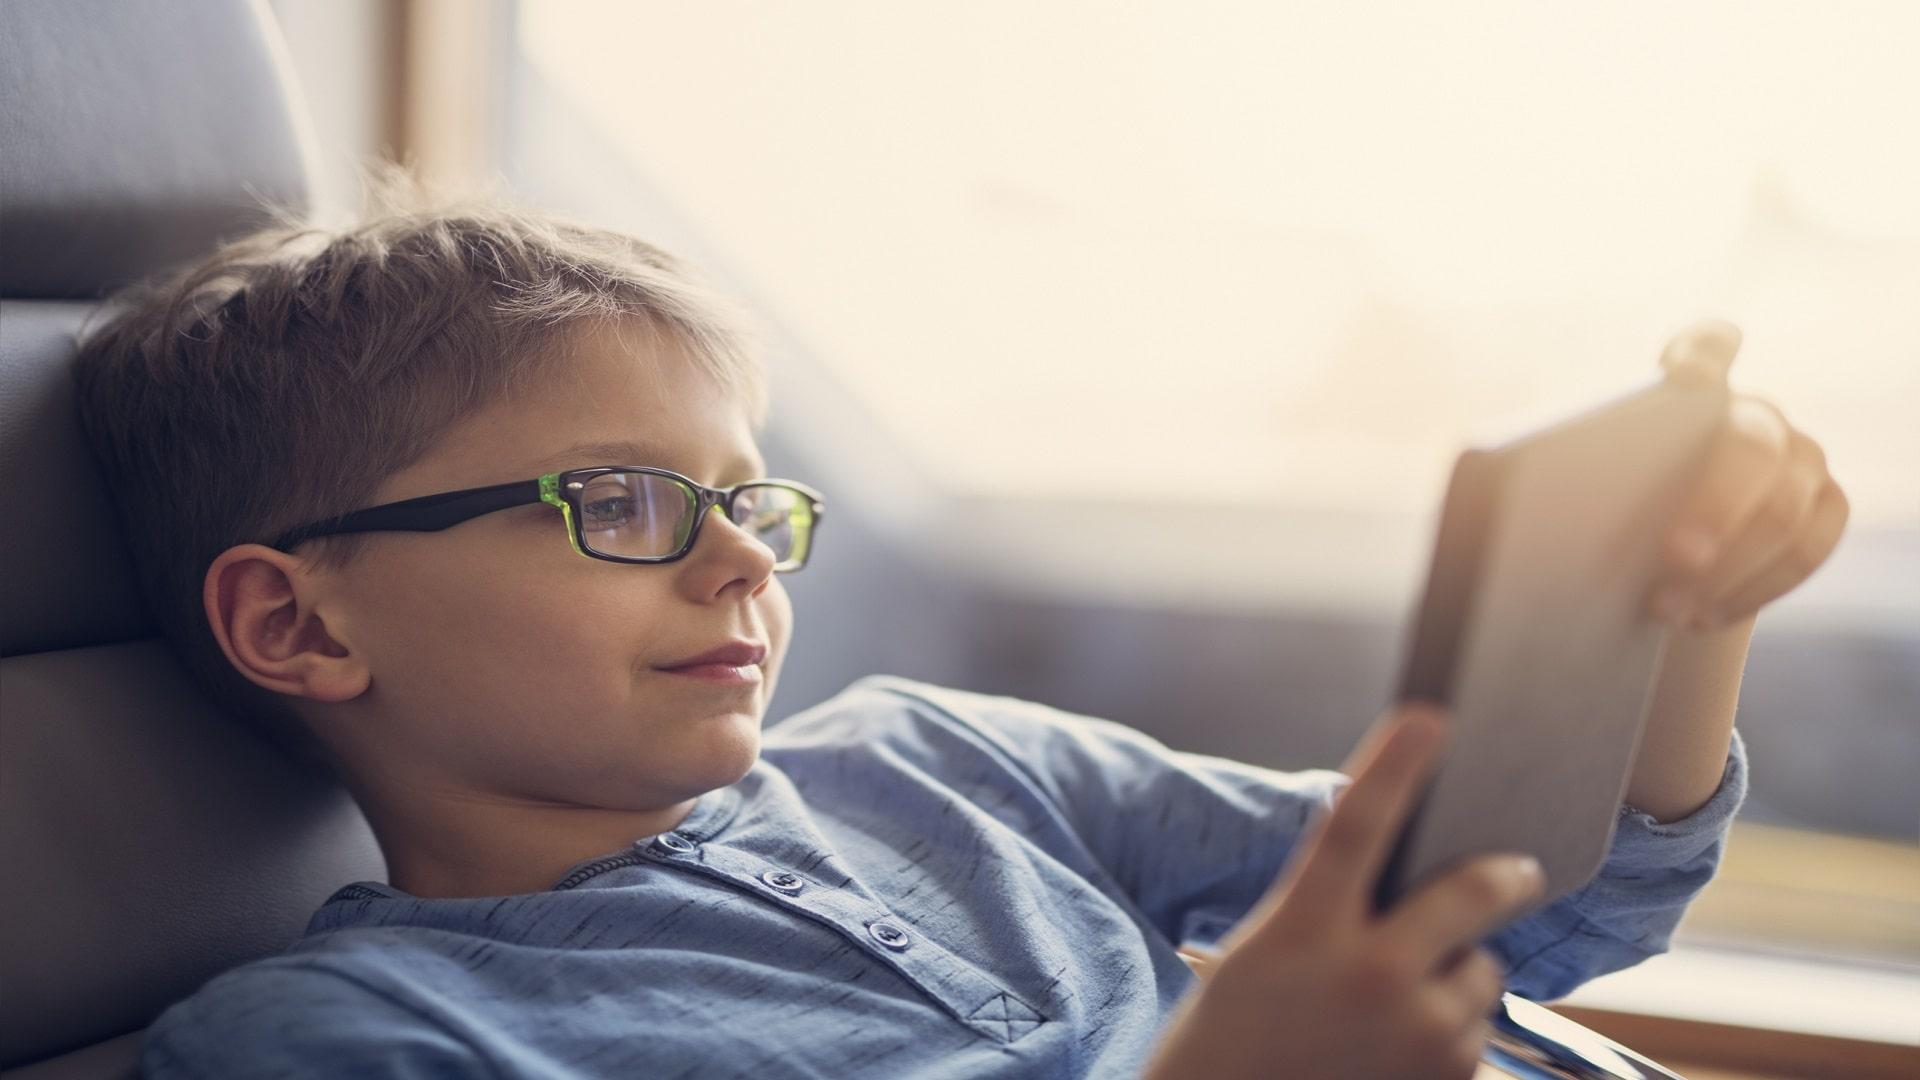 راهنمای-بهداشت-چشم-کودکان